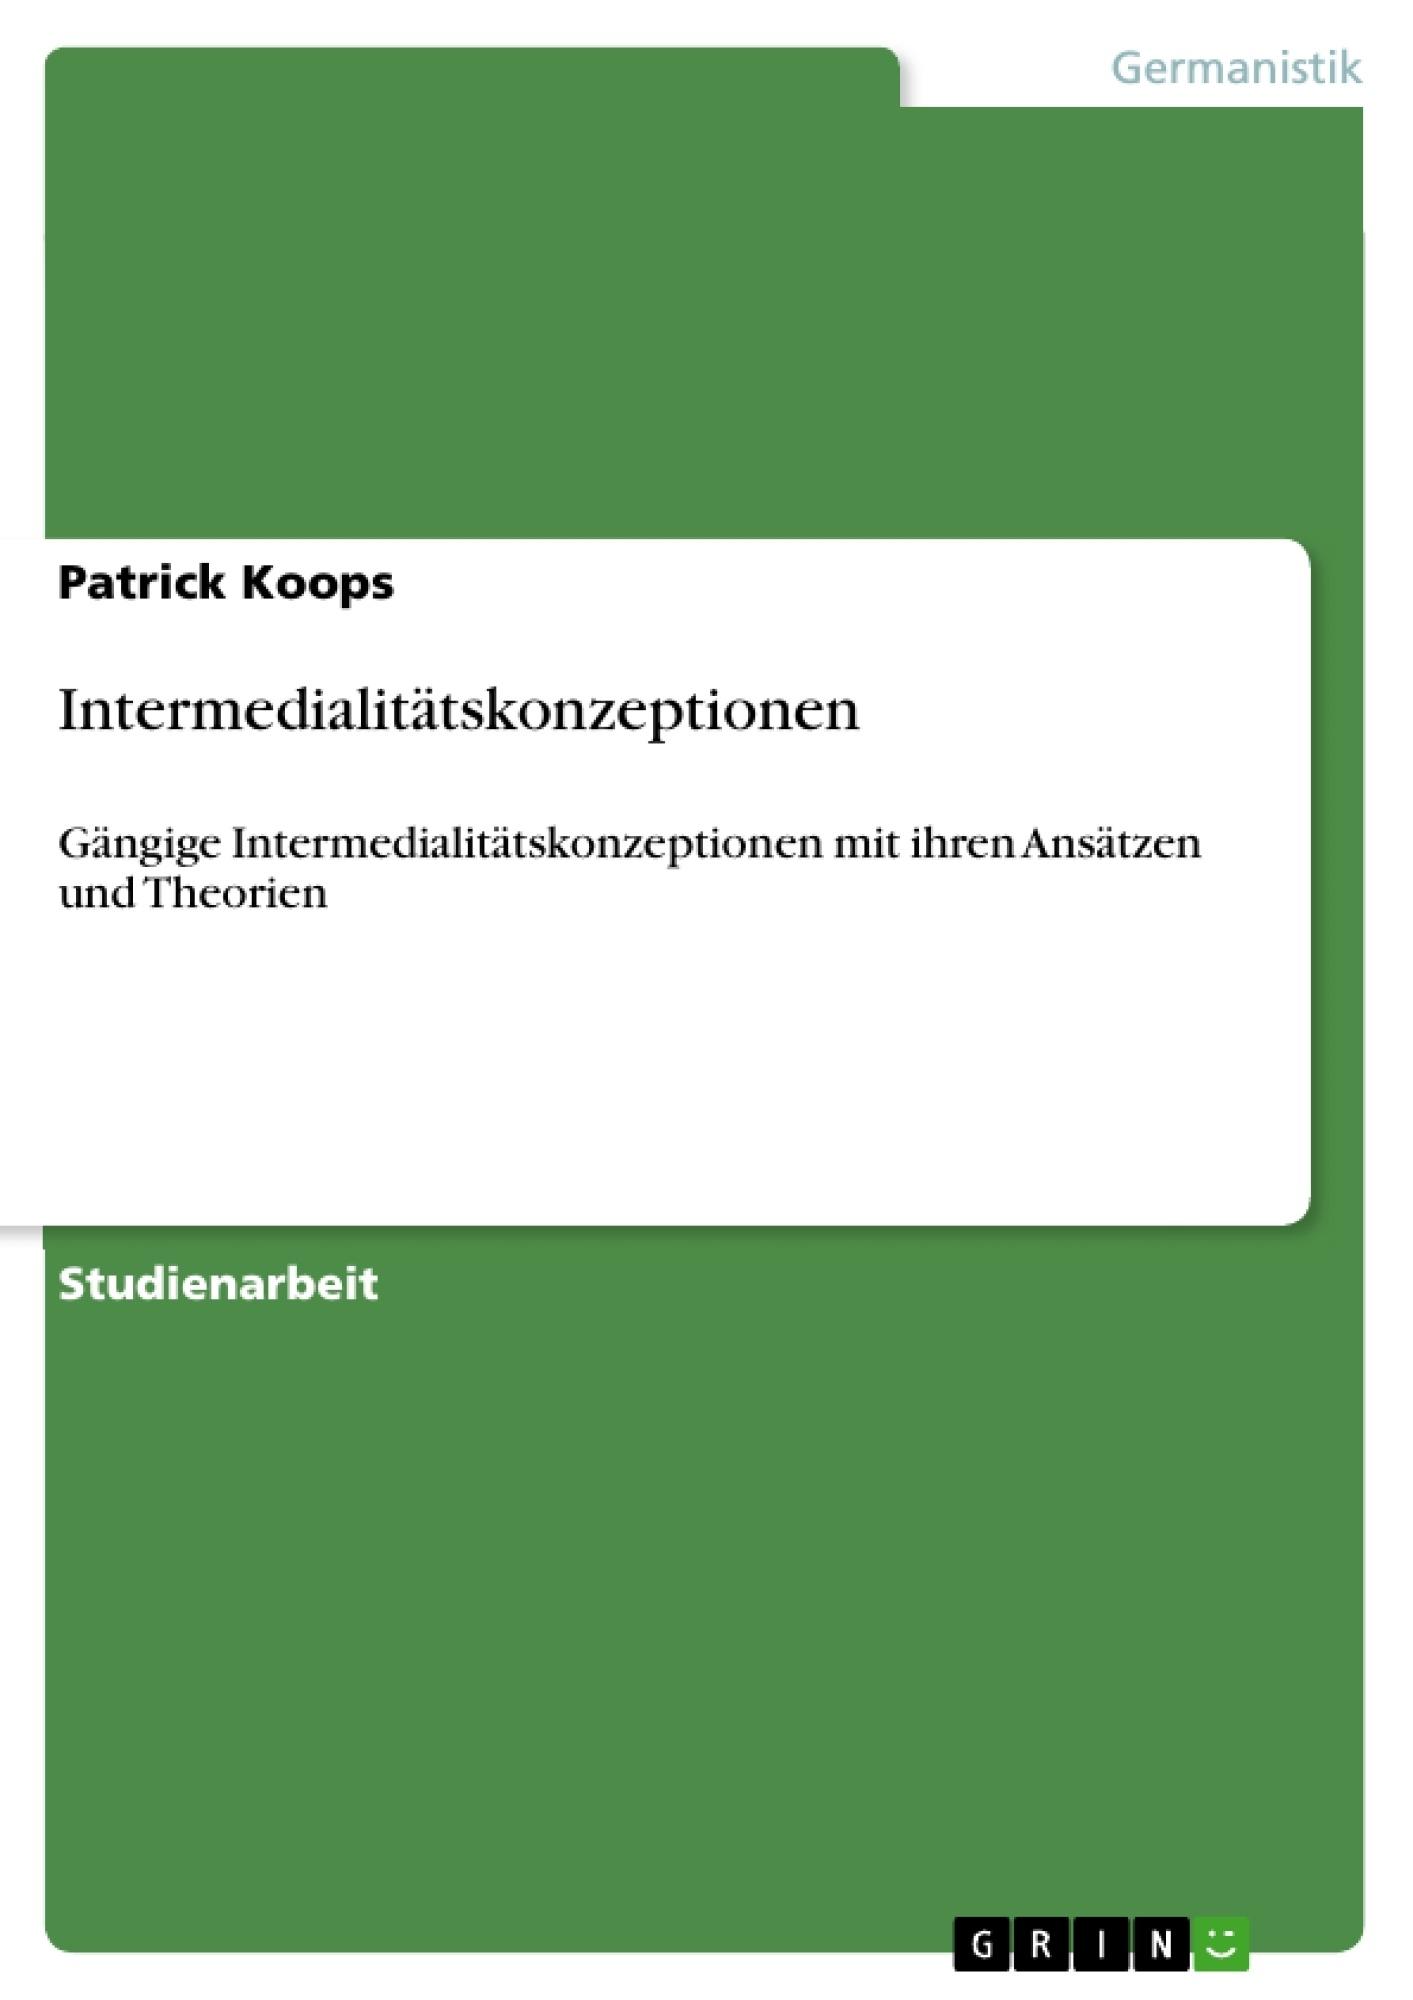 Titel: Intermedialitätskonzeptionen